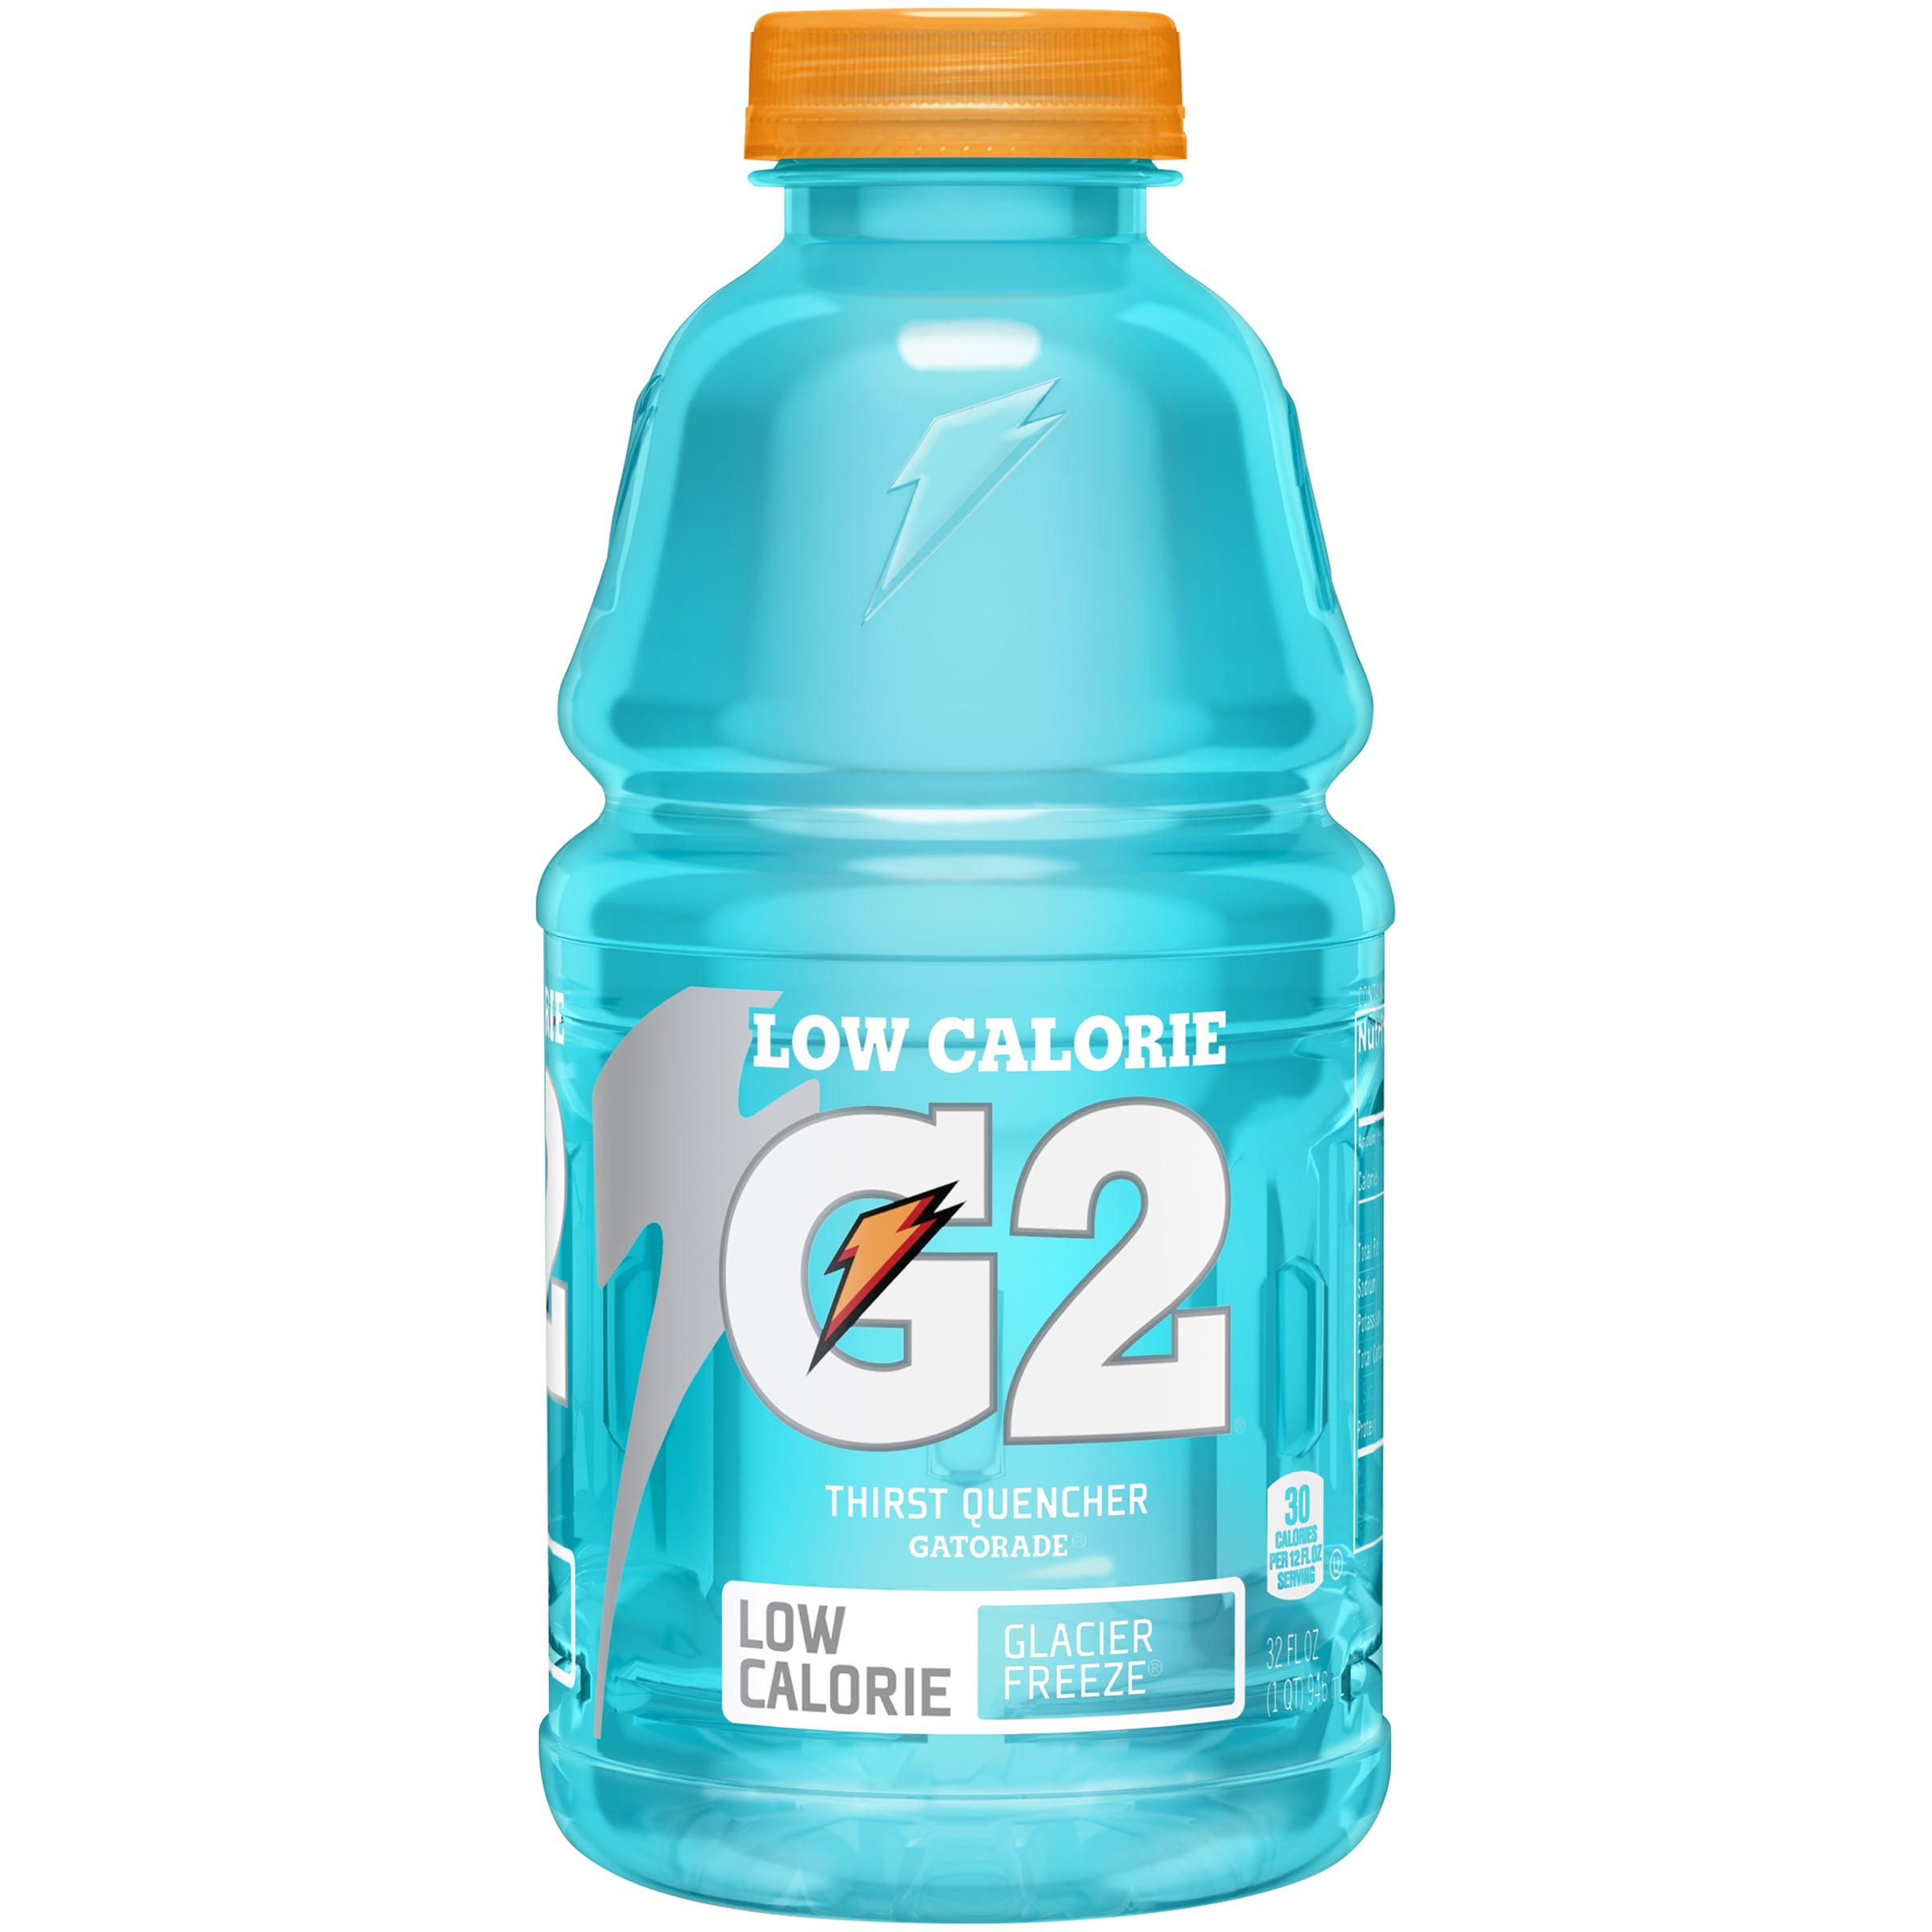 Gatorade G2 Glacier Freeze Thirst Quencher 32 fl oz